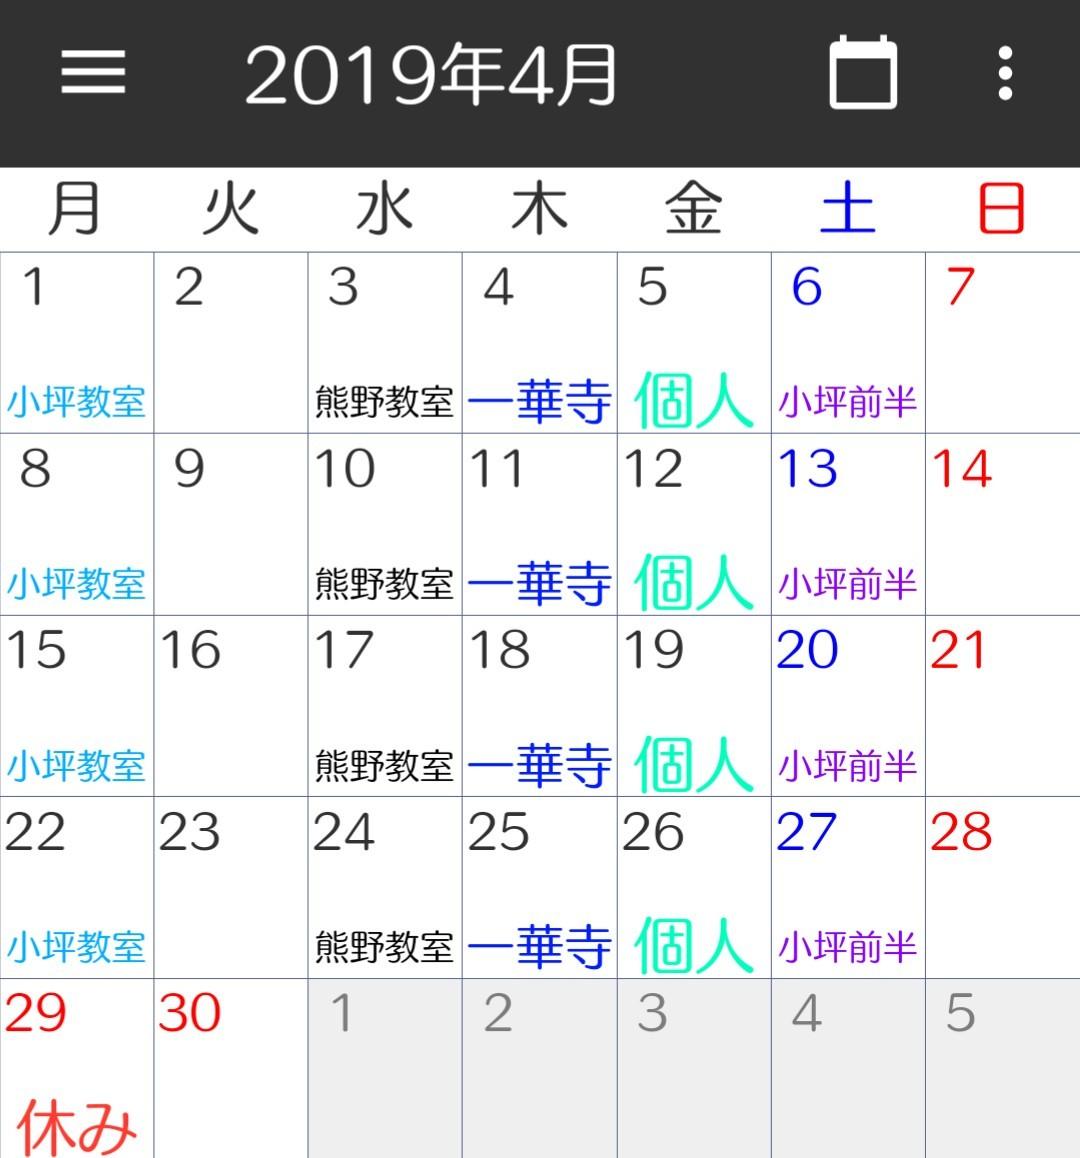 2019年4月の予定・カレンダー_c0366378_14252809.jpg